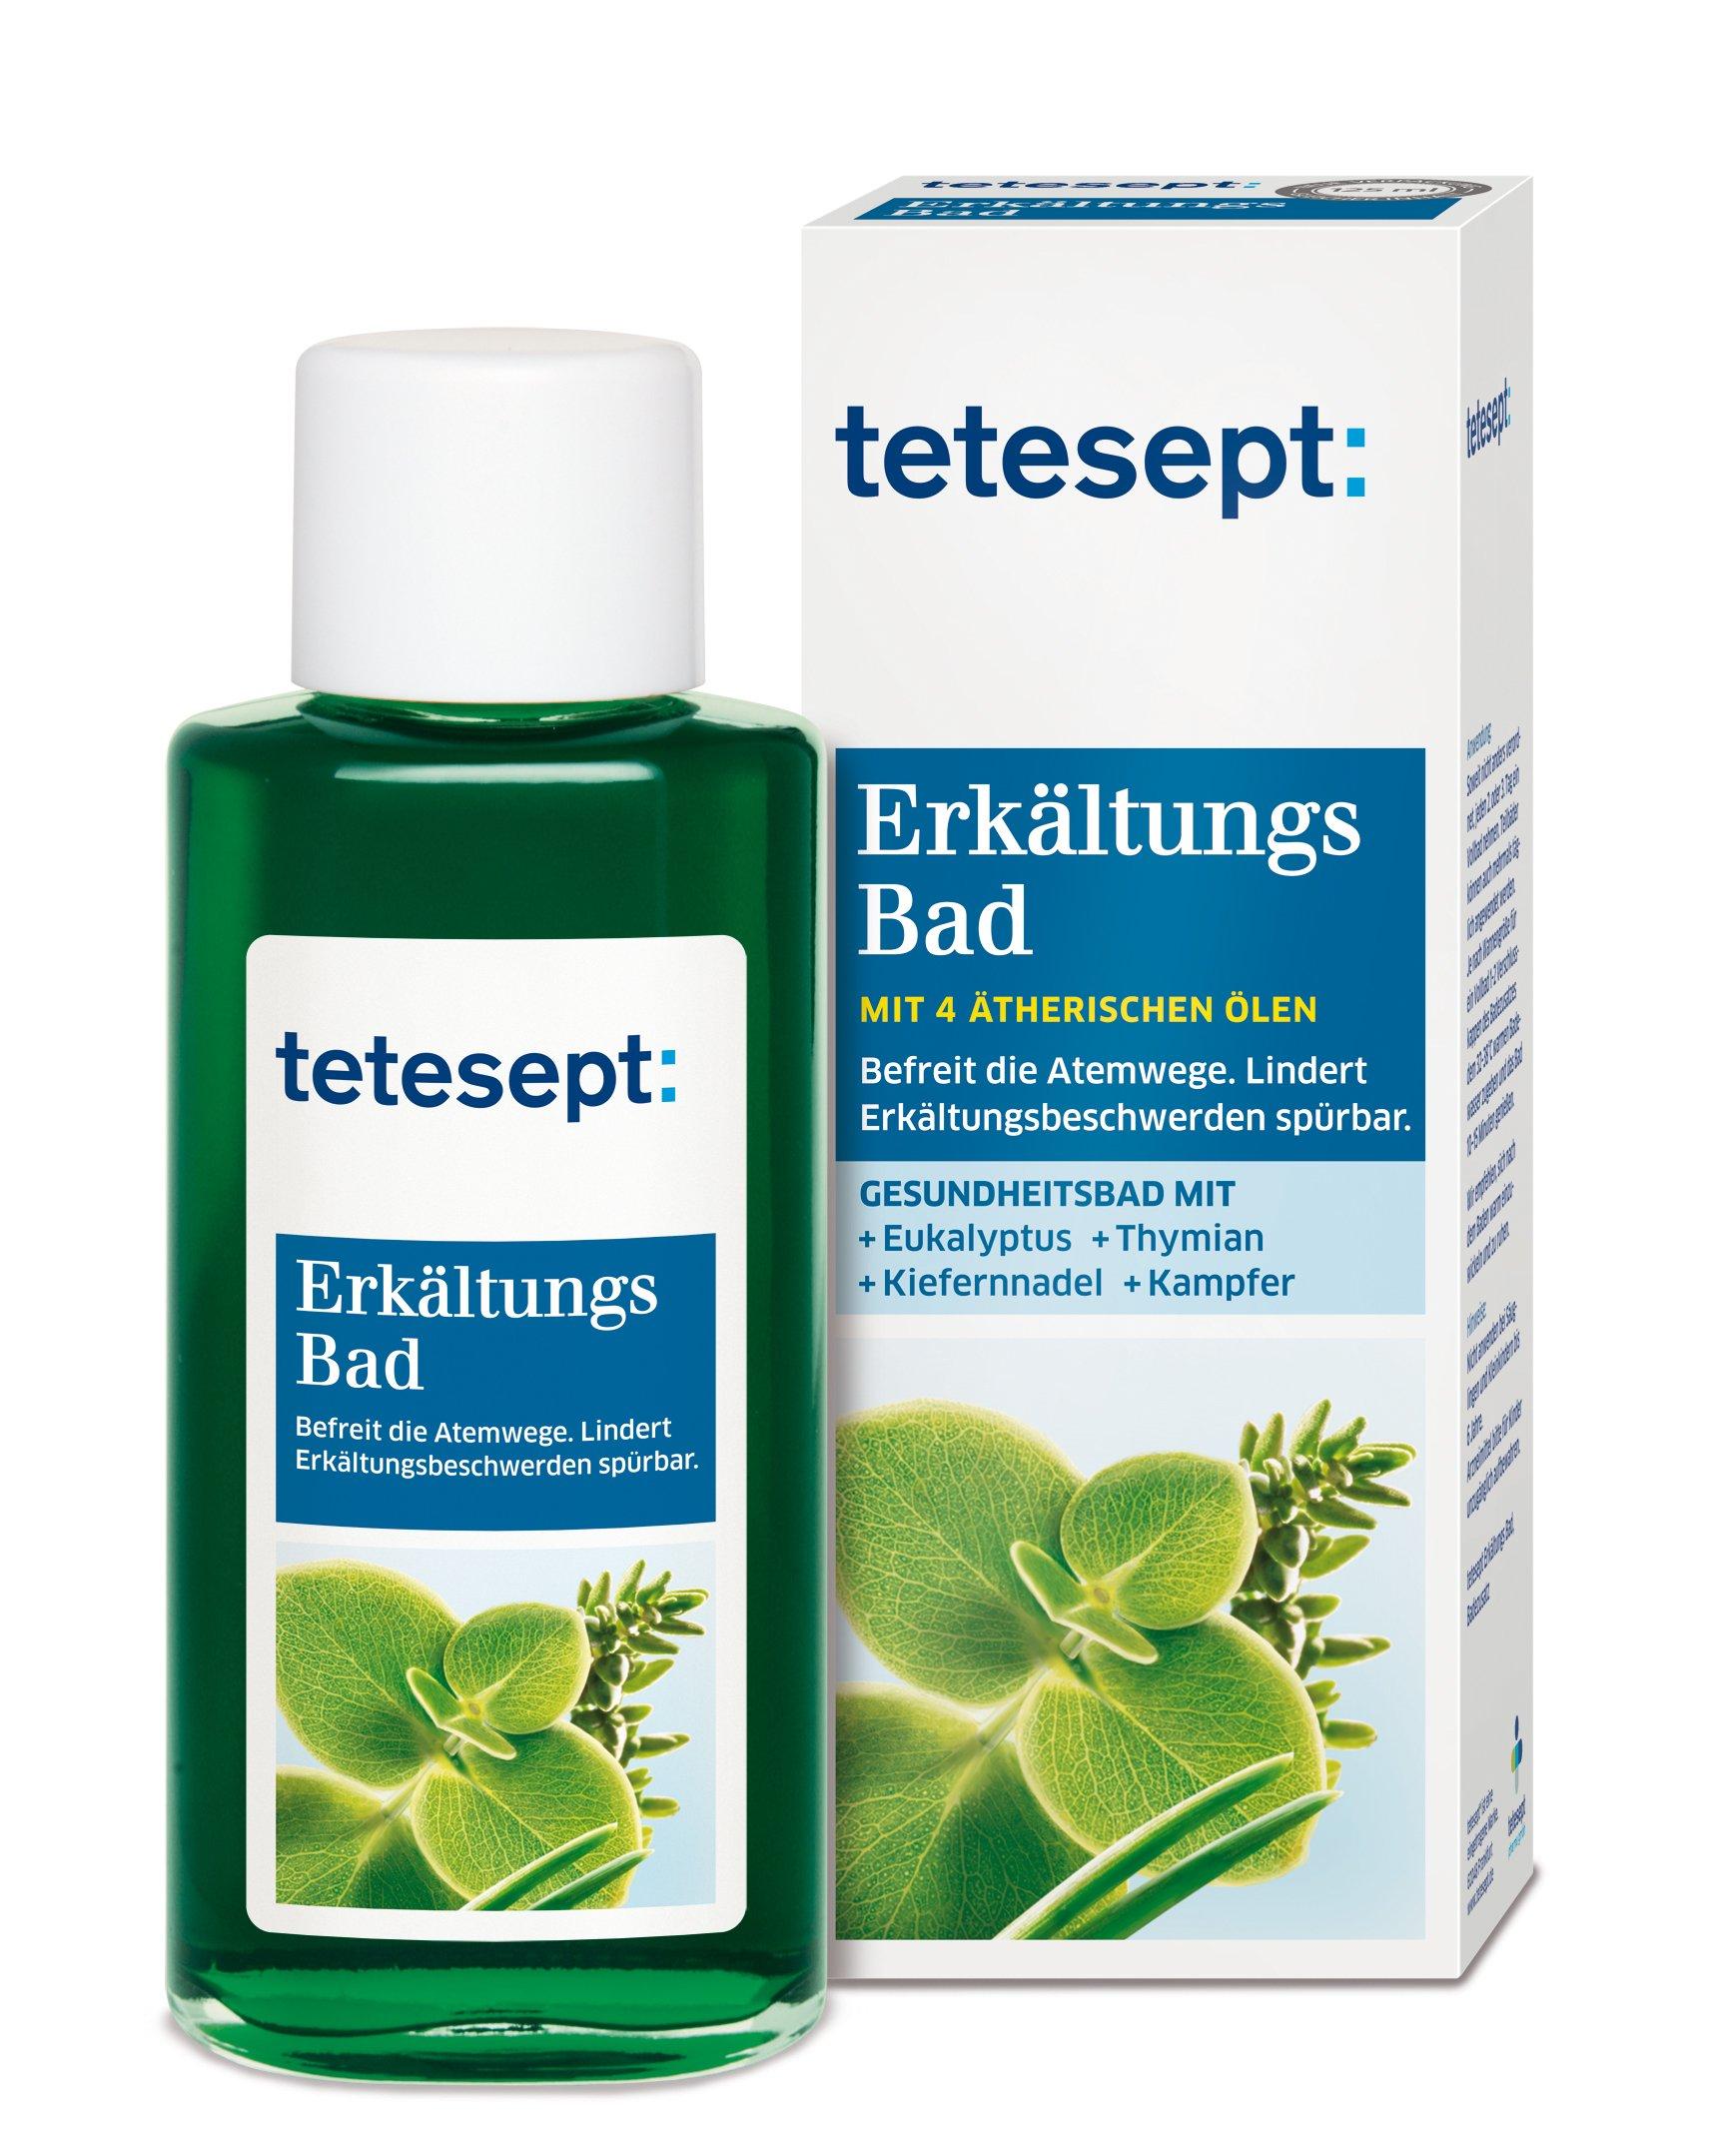 TETESEPT Erkältungs Bad 125 ml (1 x 125 ml)